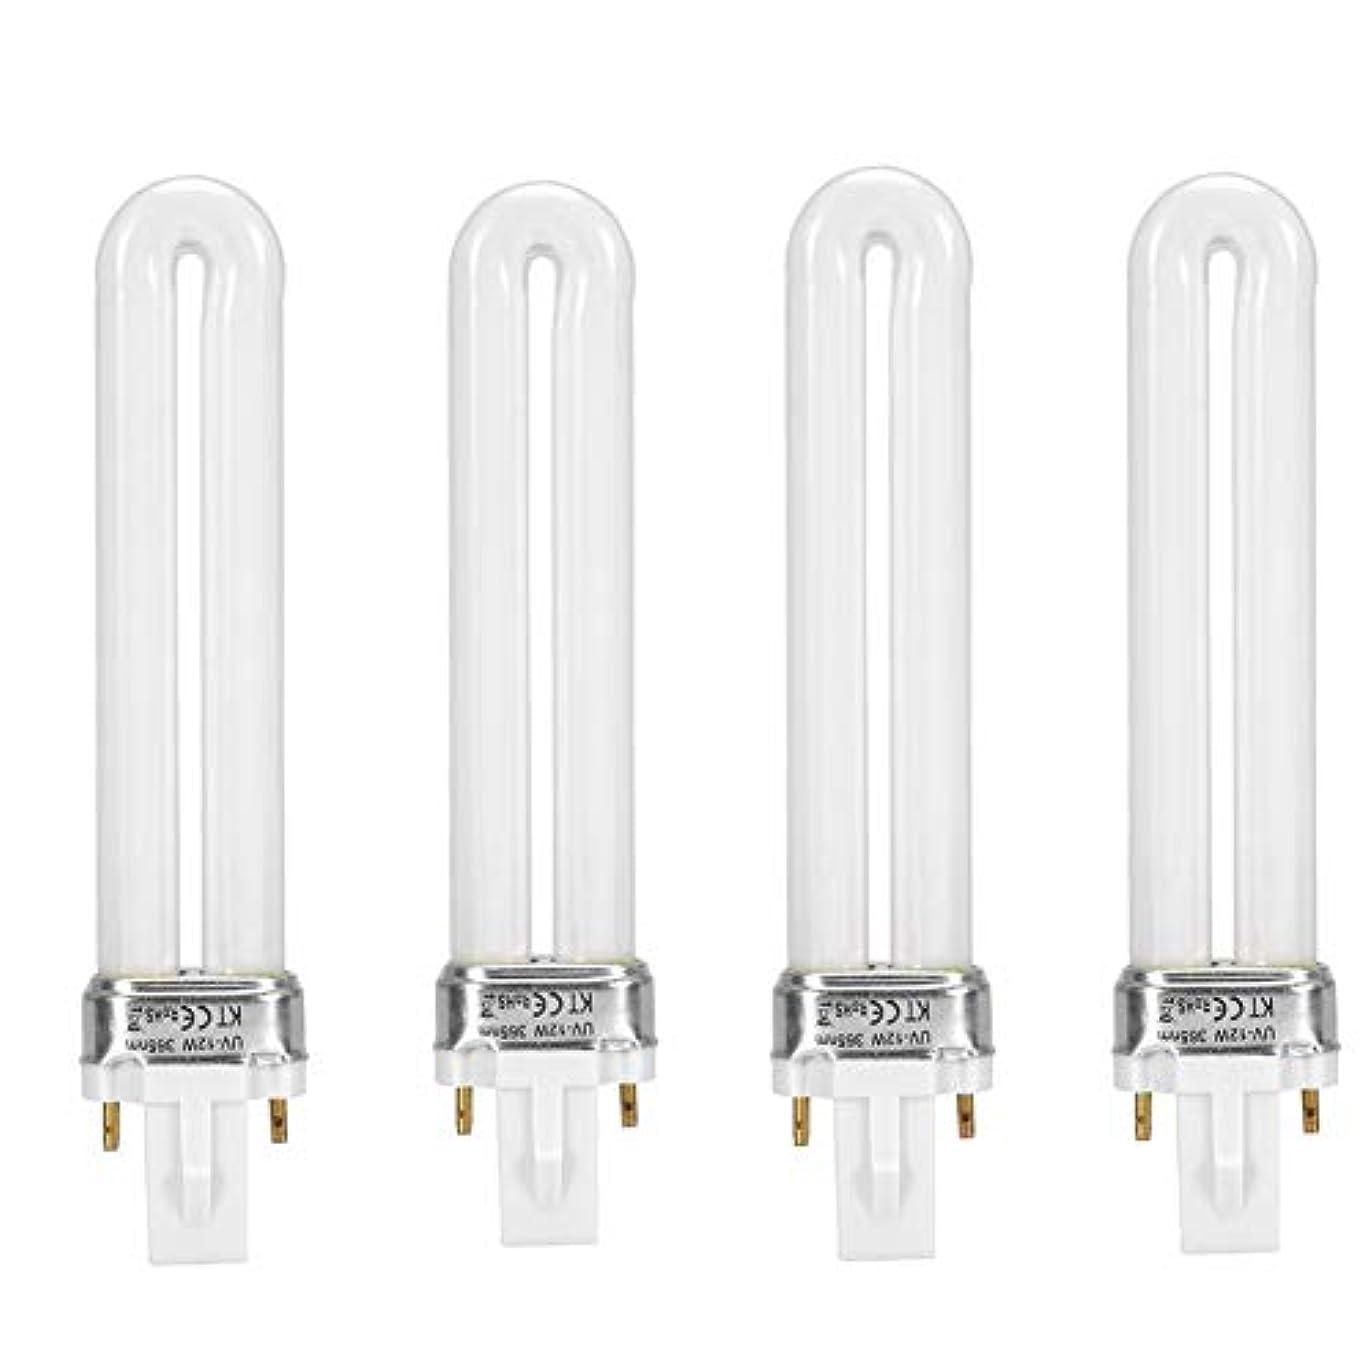 政策役に立つ認めるUVライト 交換用電球 UVランプ 4本セット